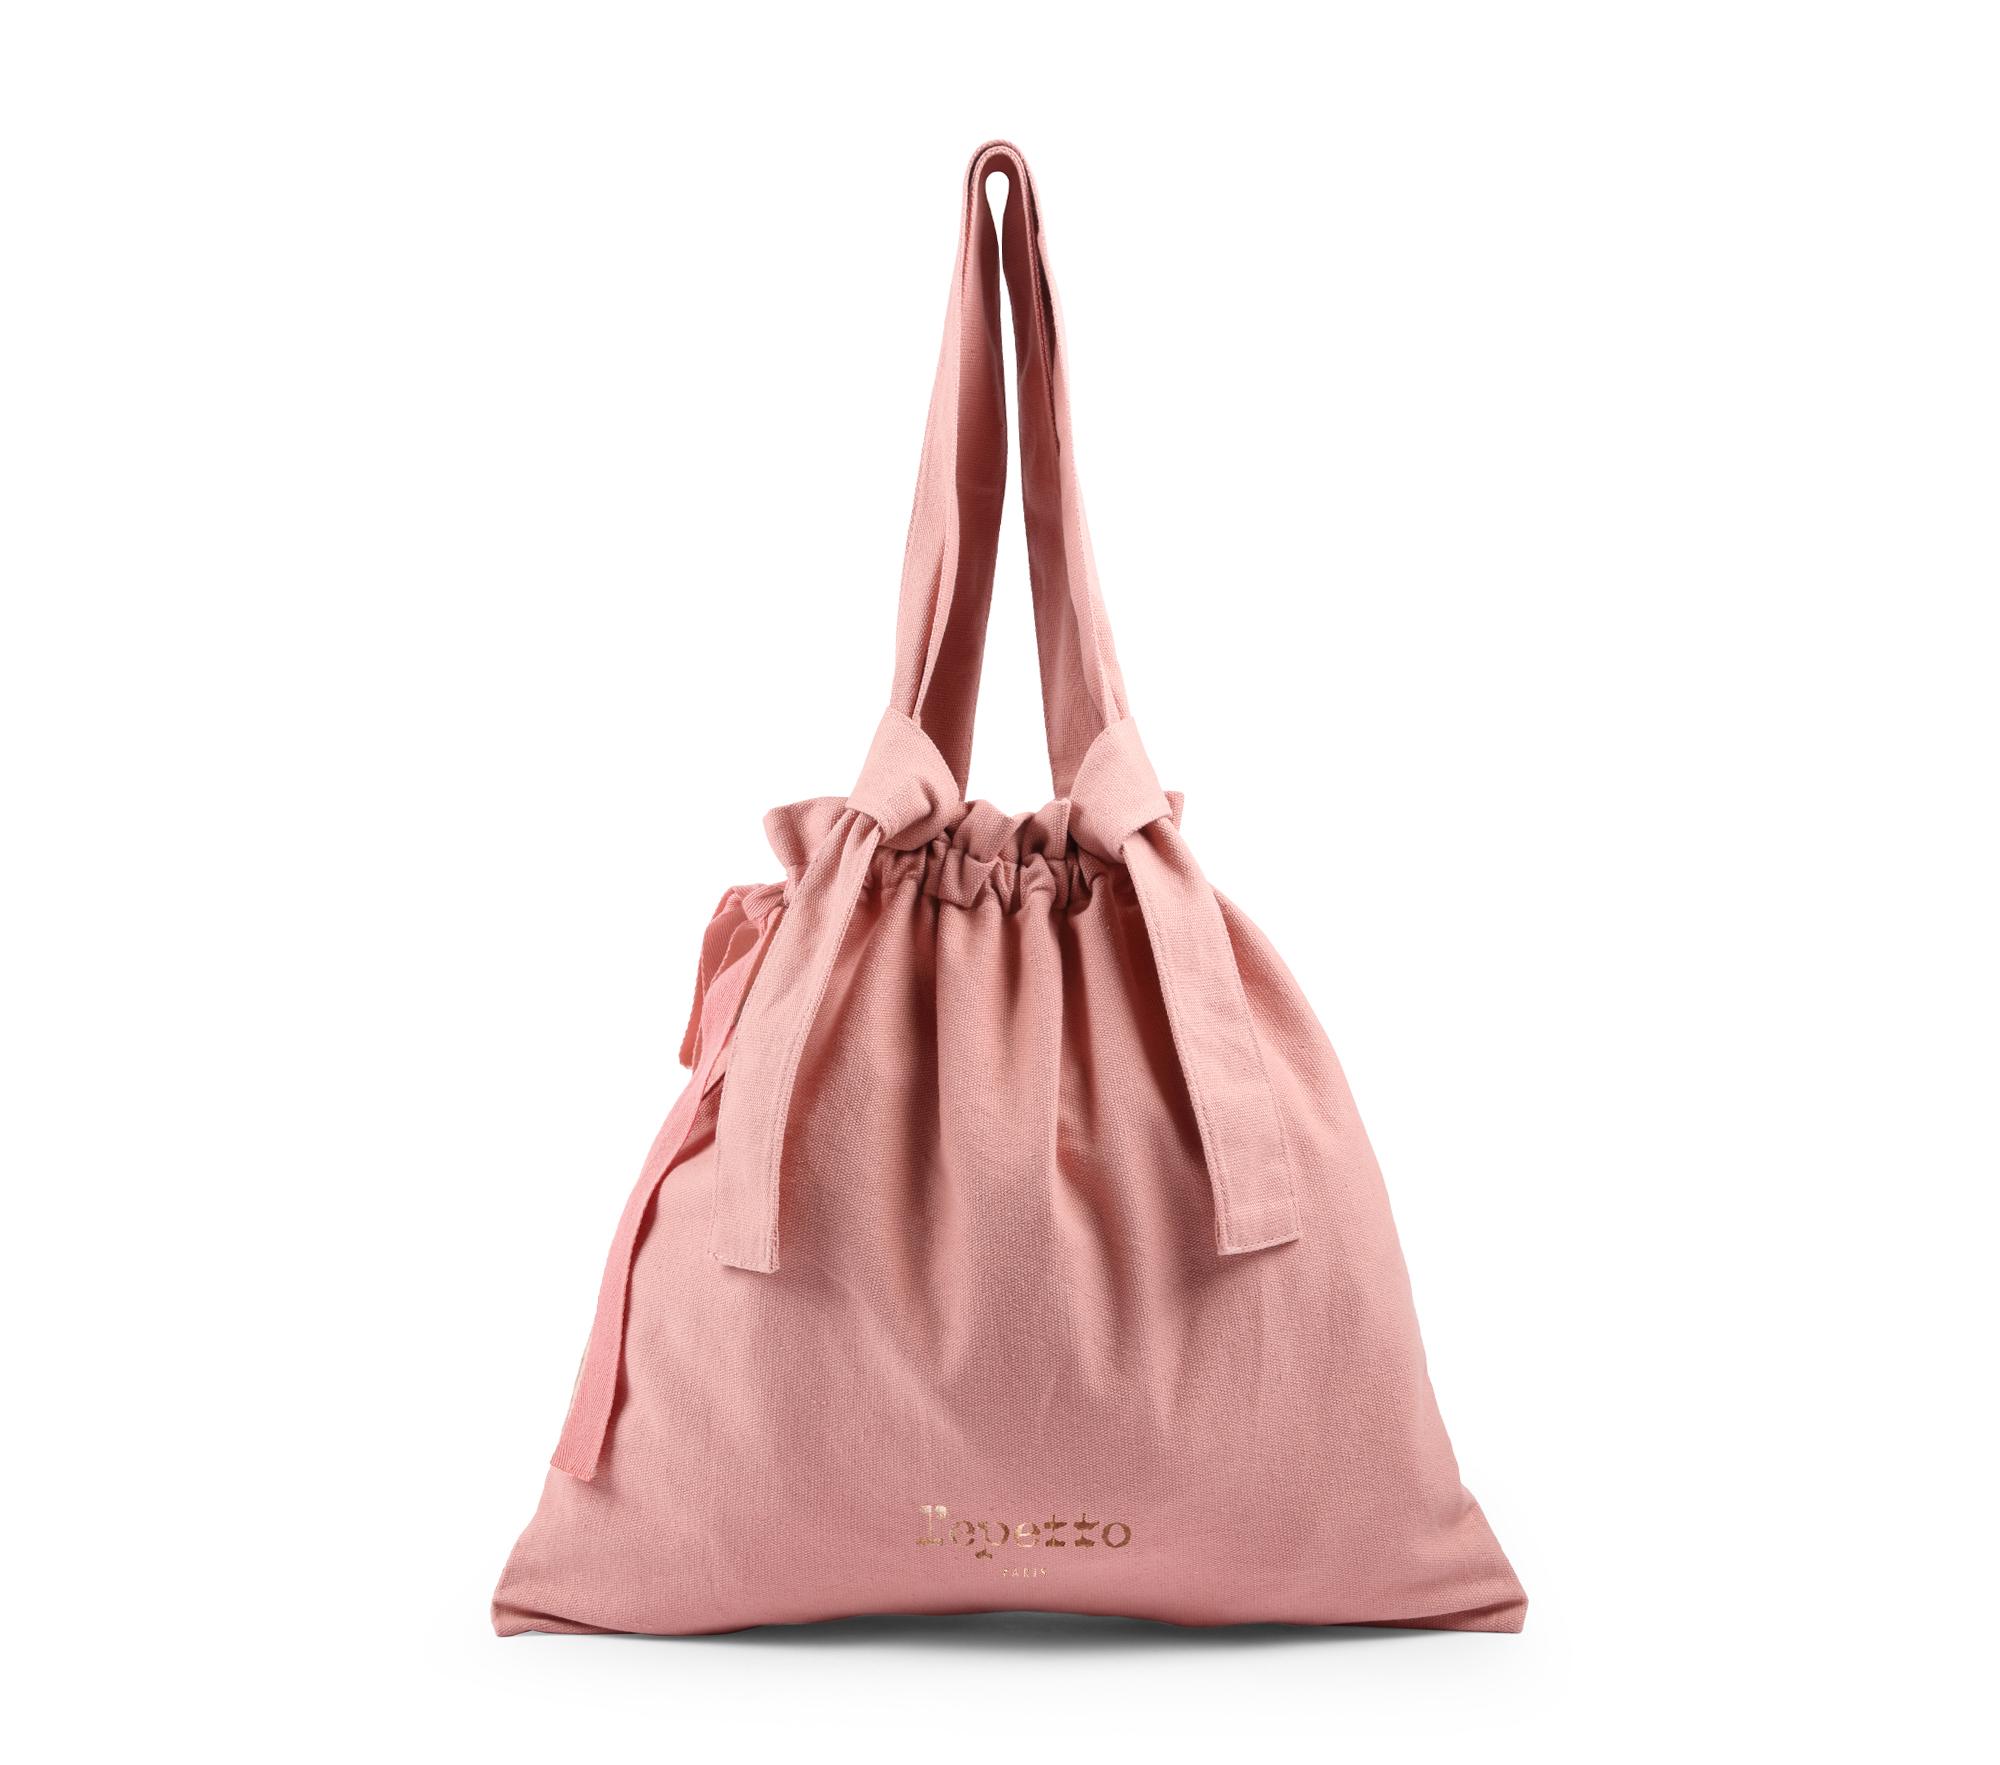 La shopping Rondo in tessuto   della nuova collezione borse Repetto